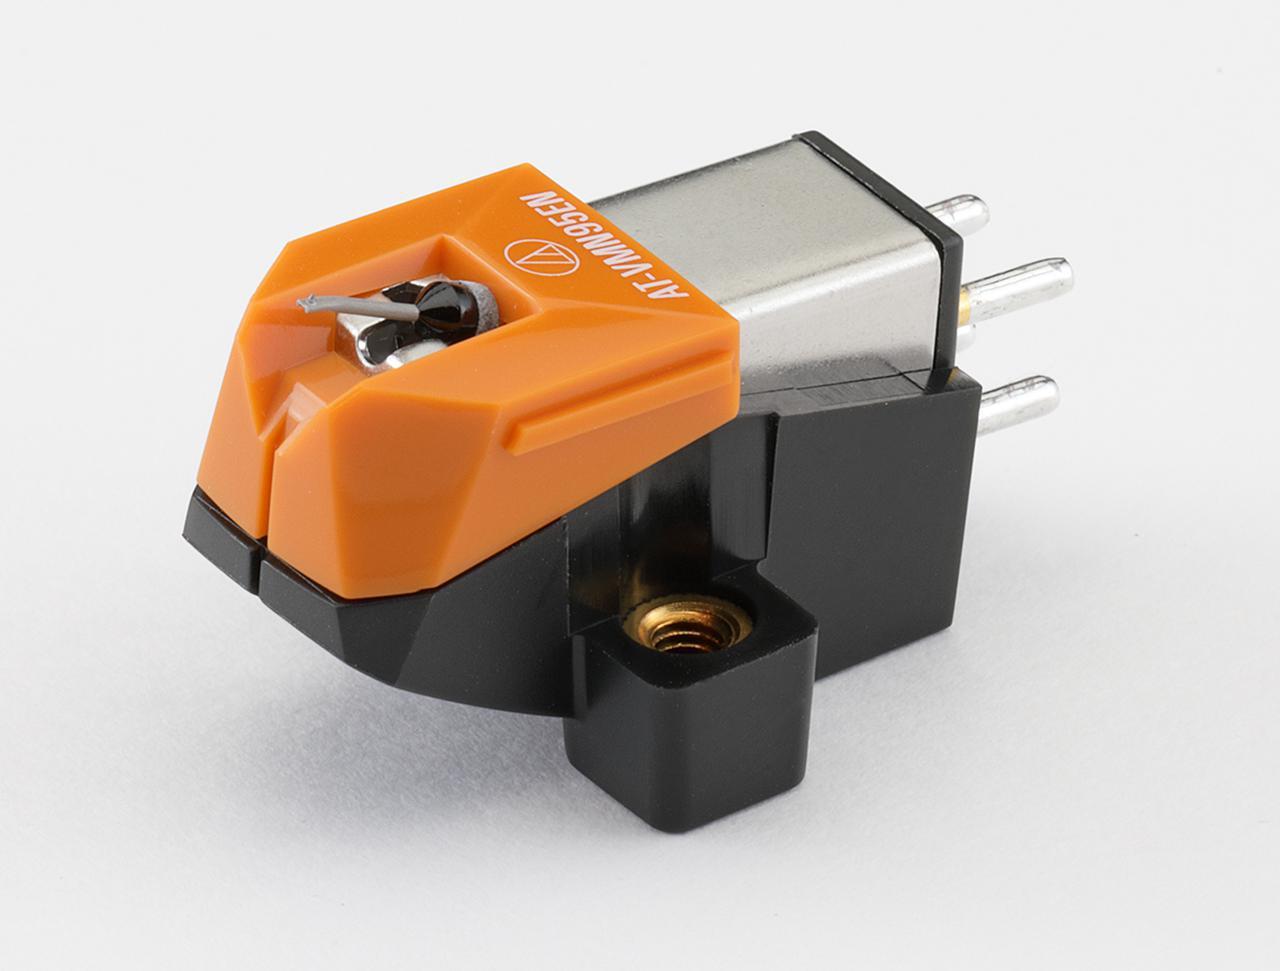 画像: オーディオテクニカ AT-VM95EN ¥15,000 ●発電方式:VM型●出力電圧:3.5mV(1kHz、5cm/sec)●推奨負荷抵抗:47kΩ●適正針圧:1.8g〜2.2g(2.0g標準)●推奨負荷容量:100〜200pF●カンチレバー:アルミニウムパイプ●自重:6.1g●交換針:AT-VMN95EN(¥12,000)●問合せ先:(株)オーディオテクニカ